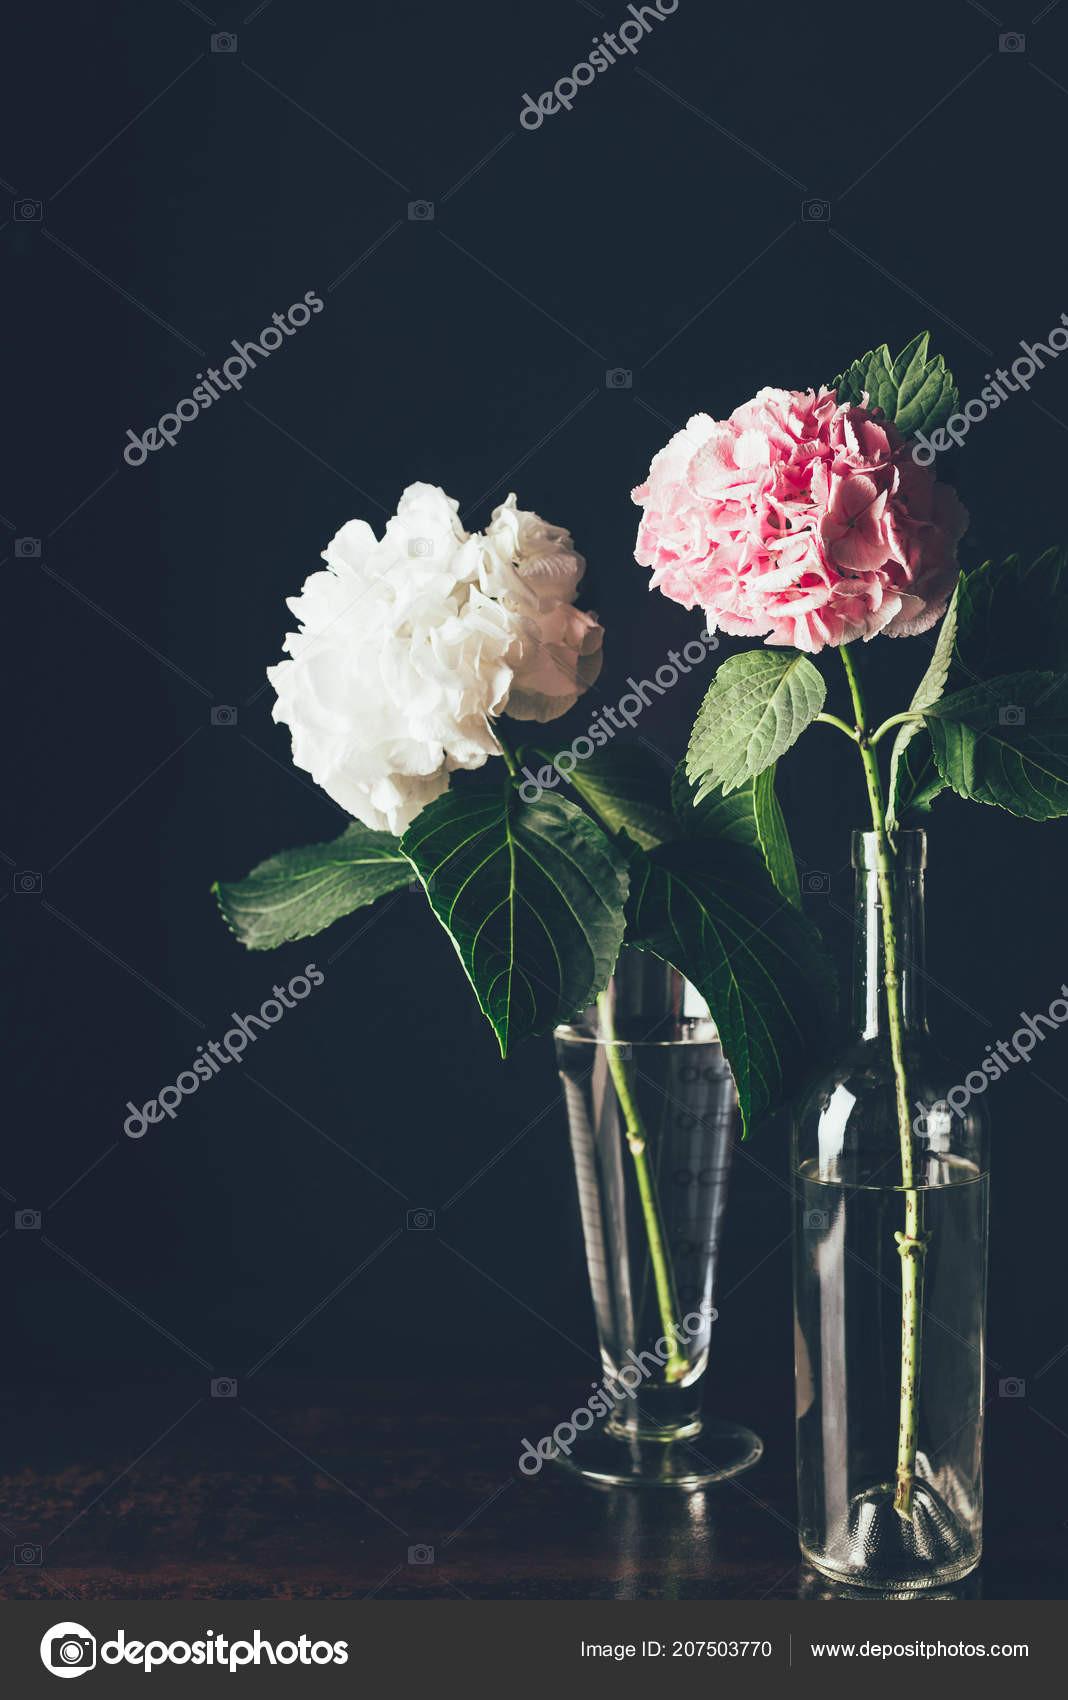 pink roses in glass vase of pink white hortensia flowers glass vases black stock fotografie throughout pink and white hortensia flowers in glass vases on black fotografie od katenovikova